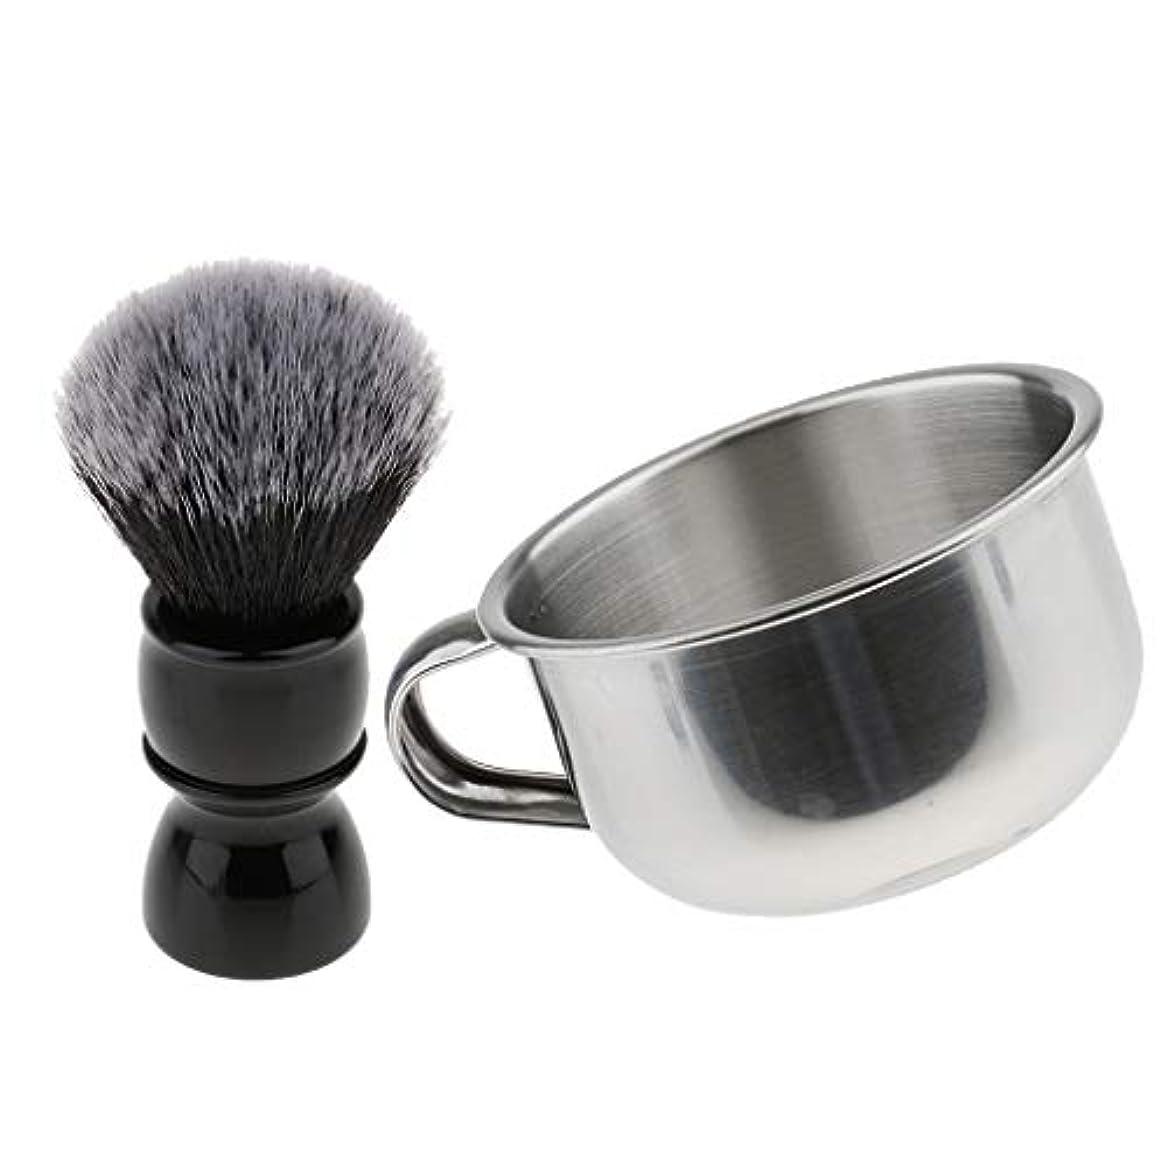 シーボードアンプ色合いシェービング用アクセサリー シェービングブラシ ステンレスボウル 男性 理髪 髭の毛 2点セット